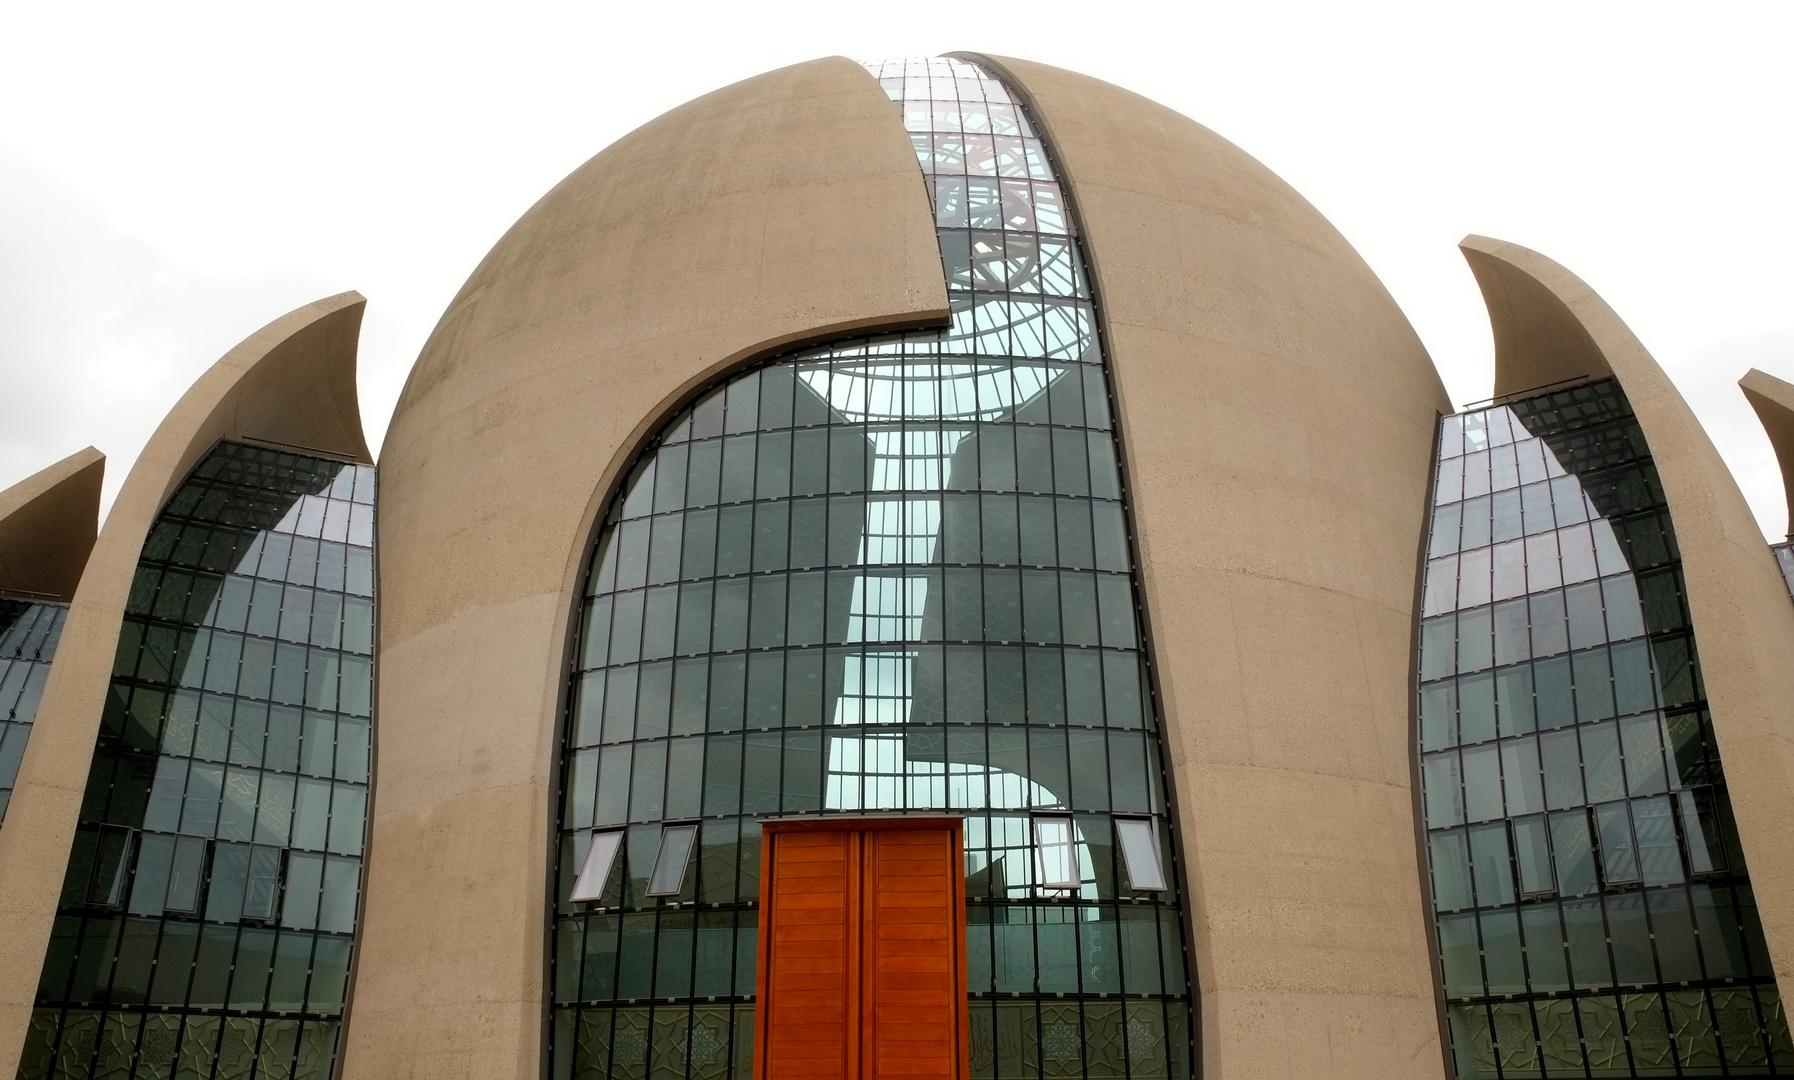 Die Kölner Moschee - Transparenz